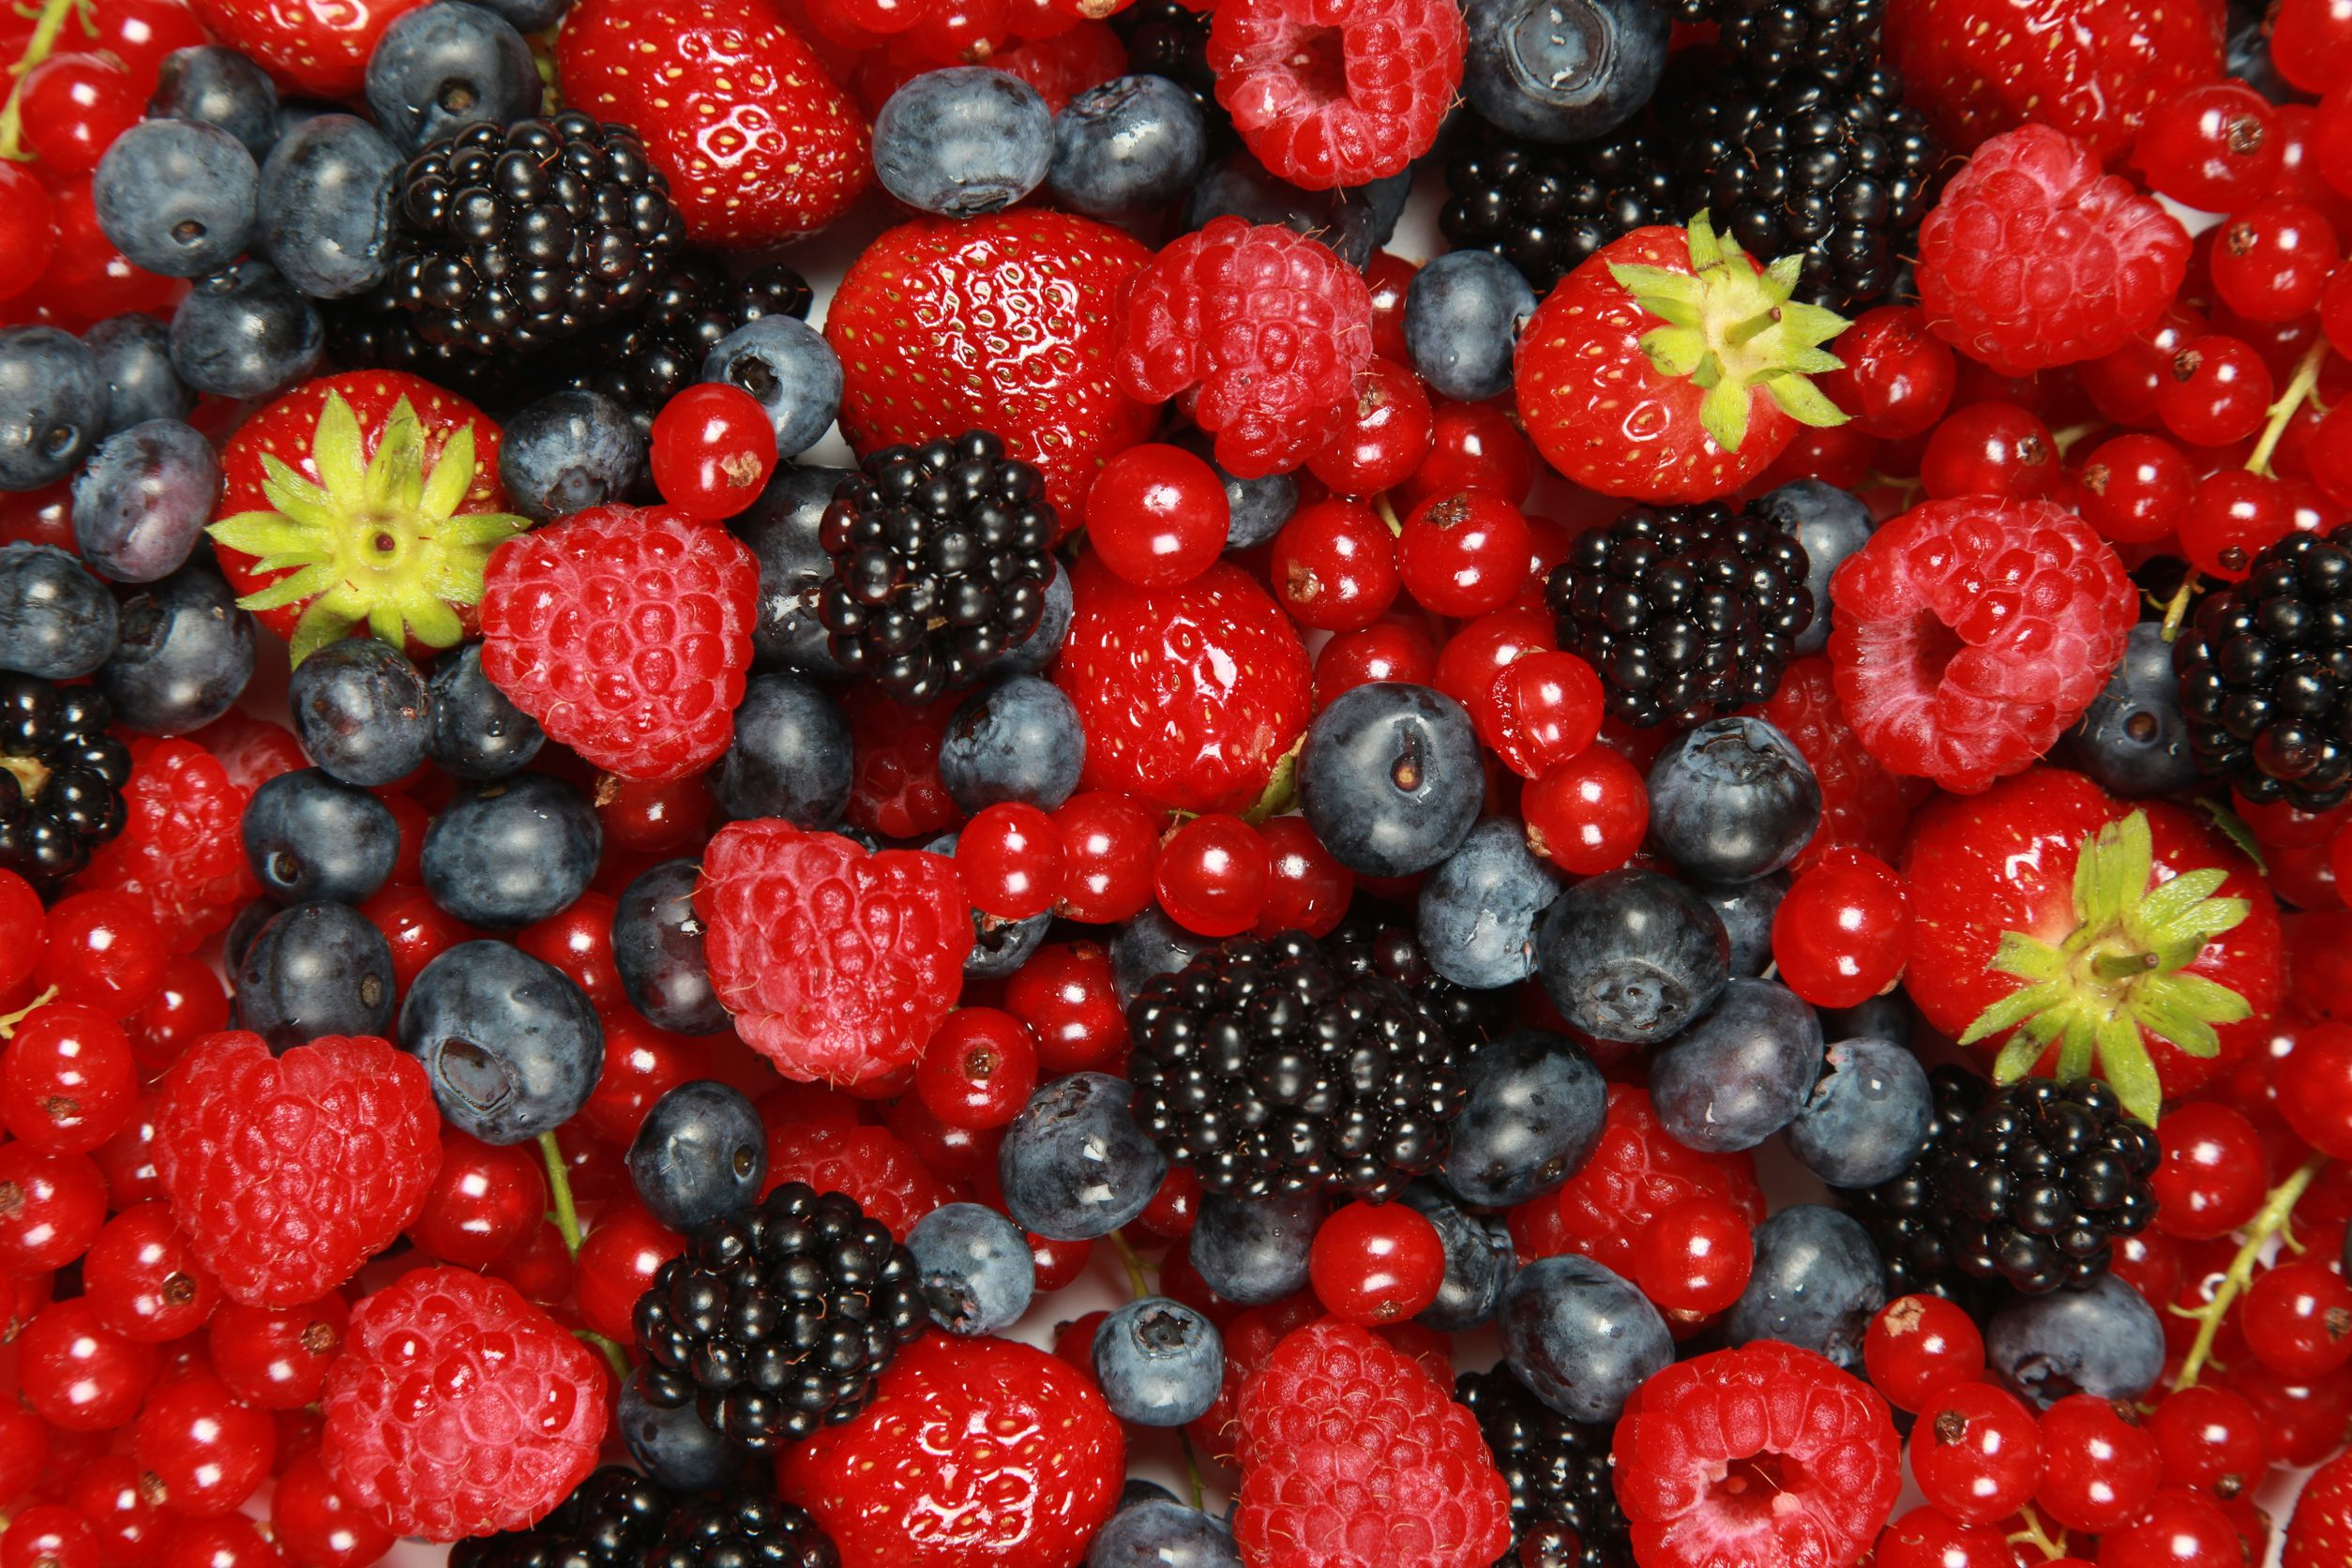 frutos rojos, frutillas, arándanos